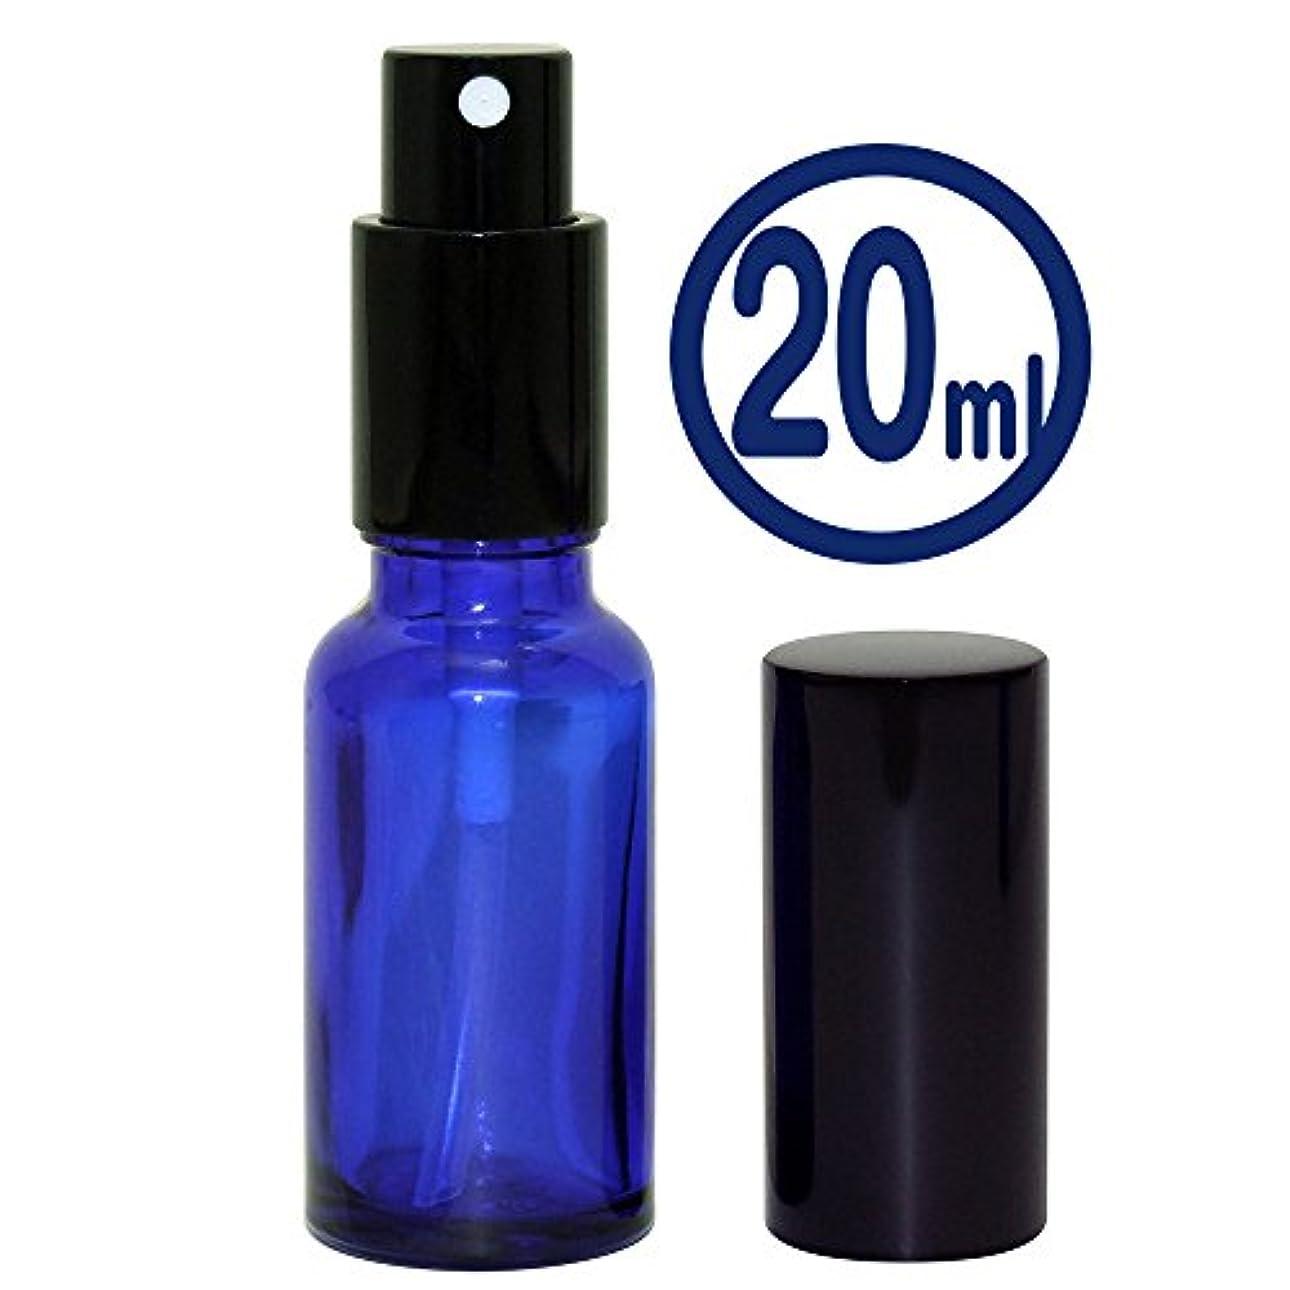 スロープうっかりコットンガレージ?ゼロ 遮光ガラス瓶 スプレータイプ【青】 20ml/GZSQ12/スプレーボトル/アトマイザー/アロマ保存(青20ml)